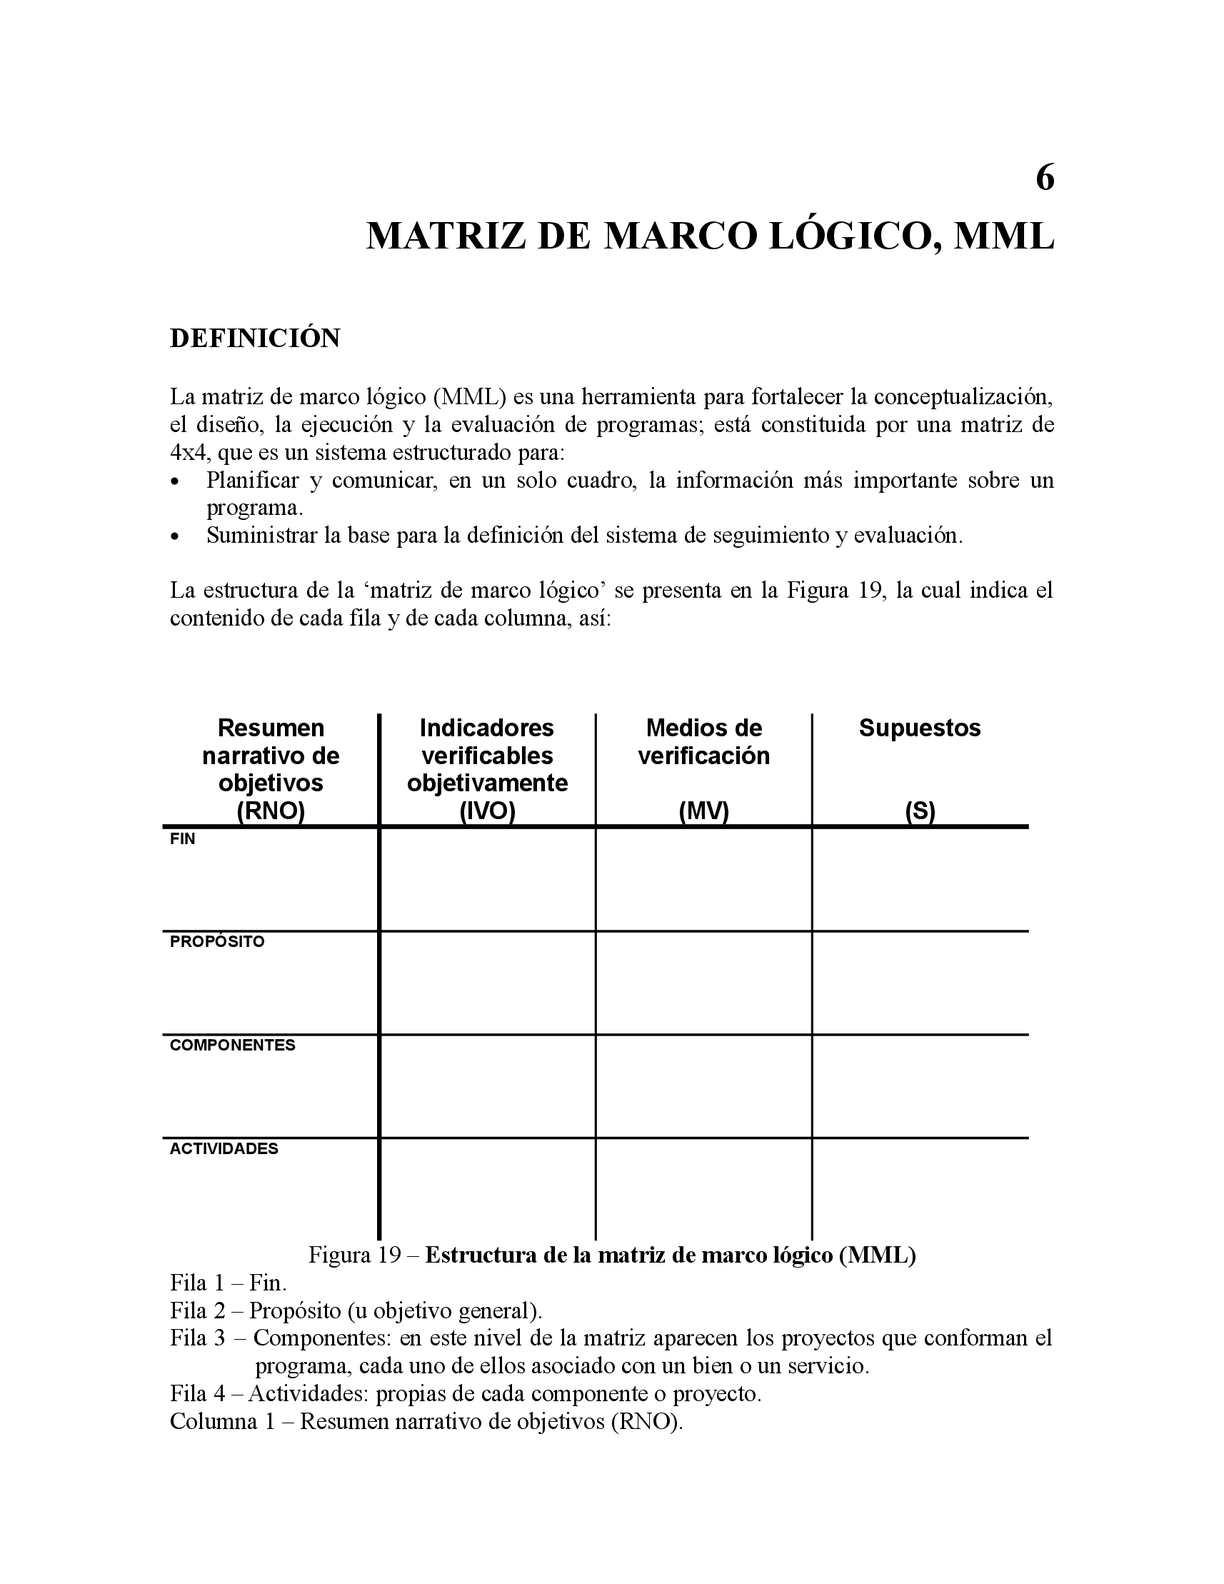 Calaméo - MATRIZ DE MARCO LÓGICO, MML